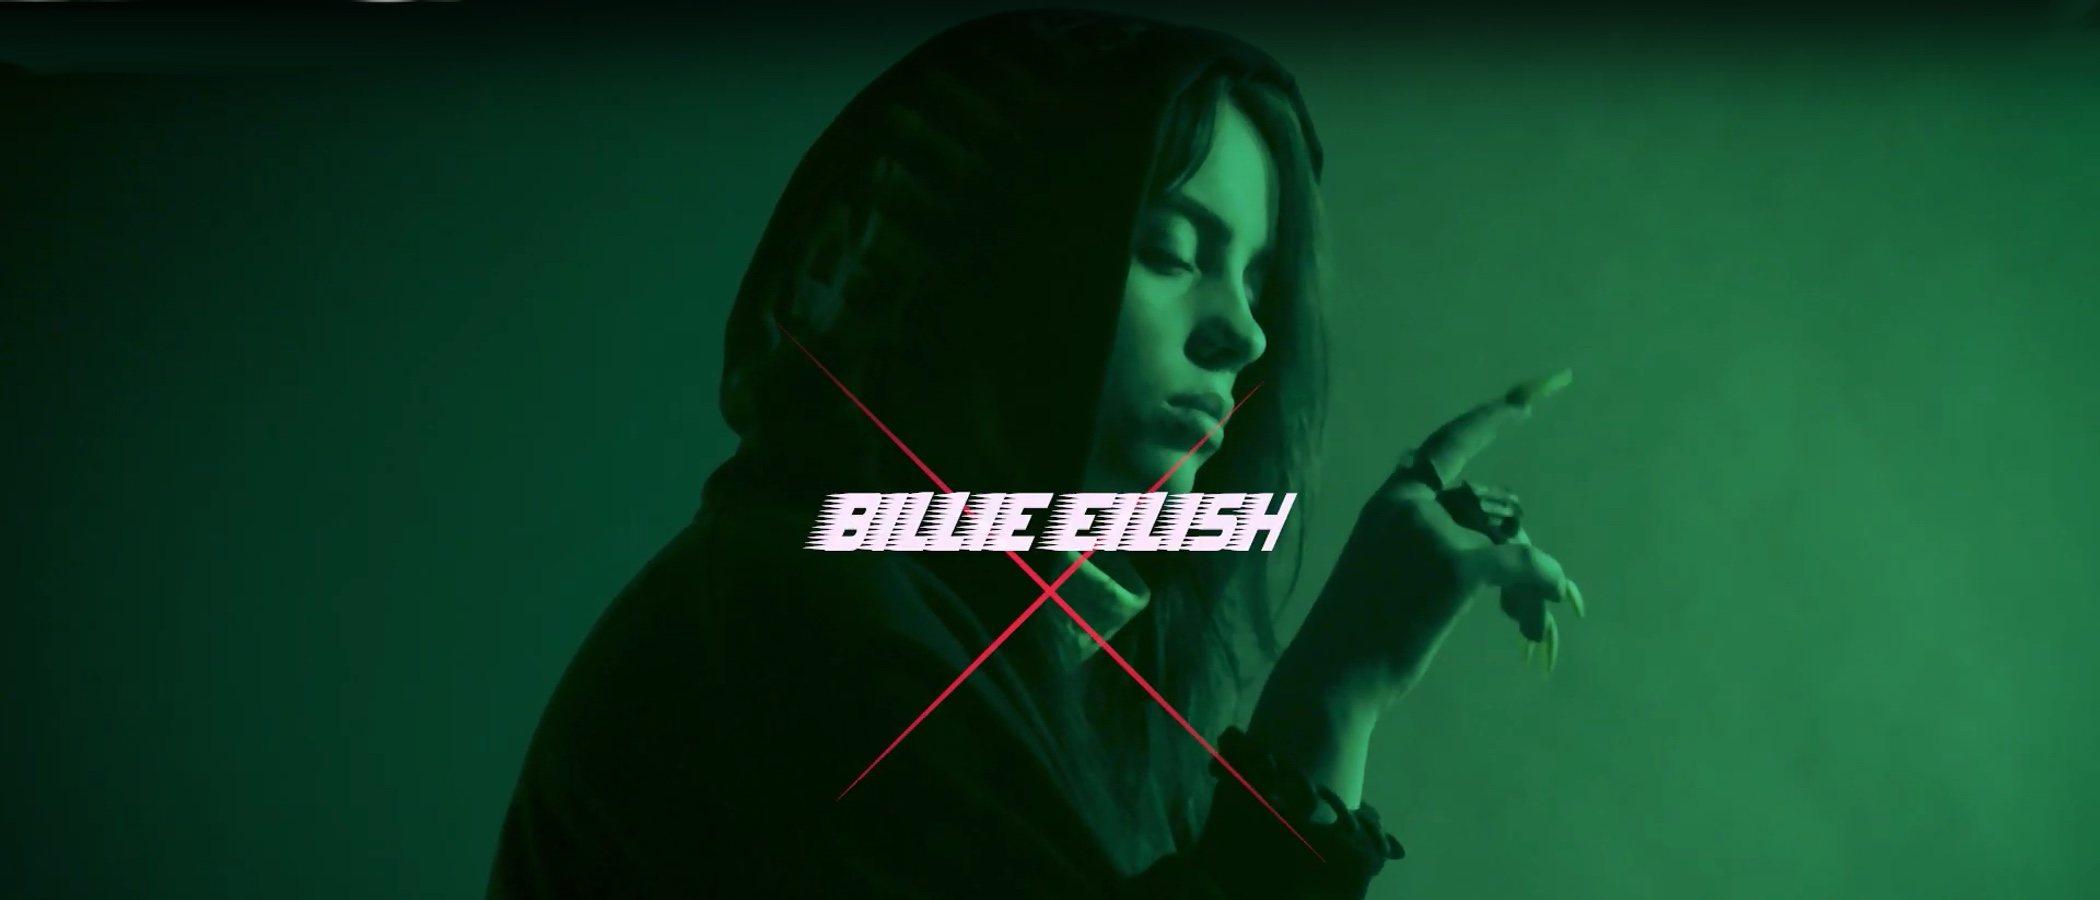 Billie Eilish x Bershka, una colección de aire urbano y estética punk inspirada en el lifestyle de la cantante